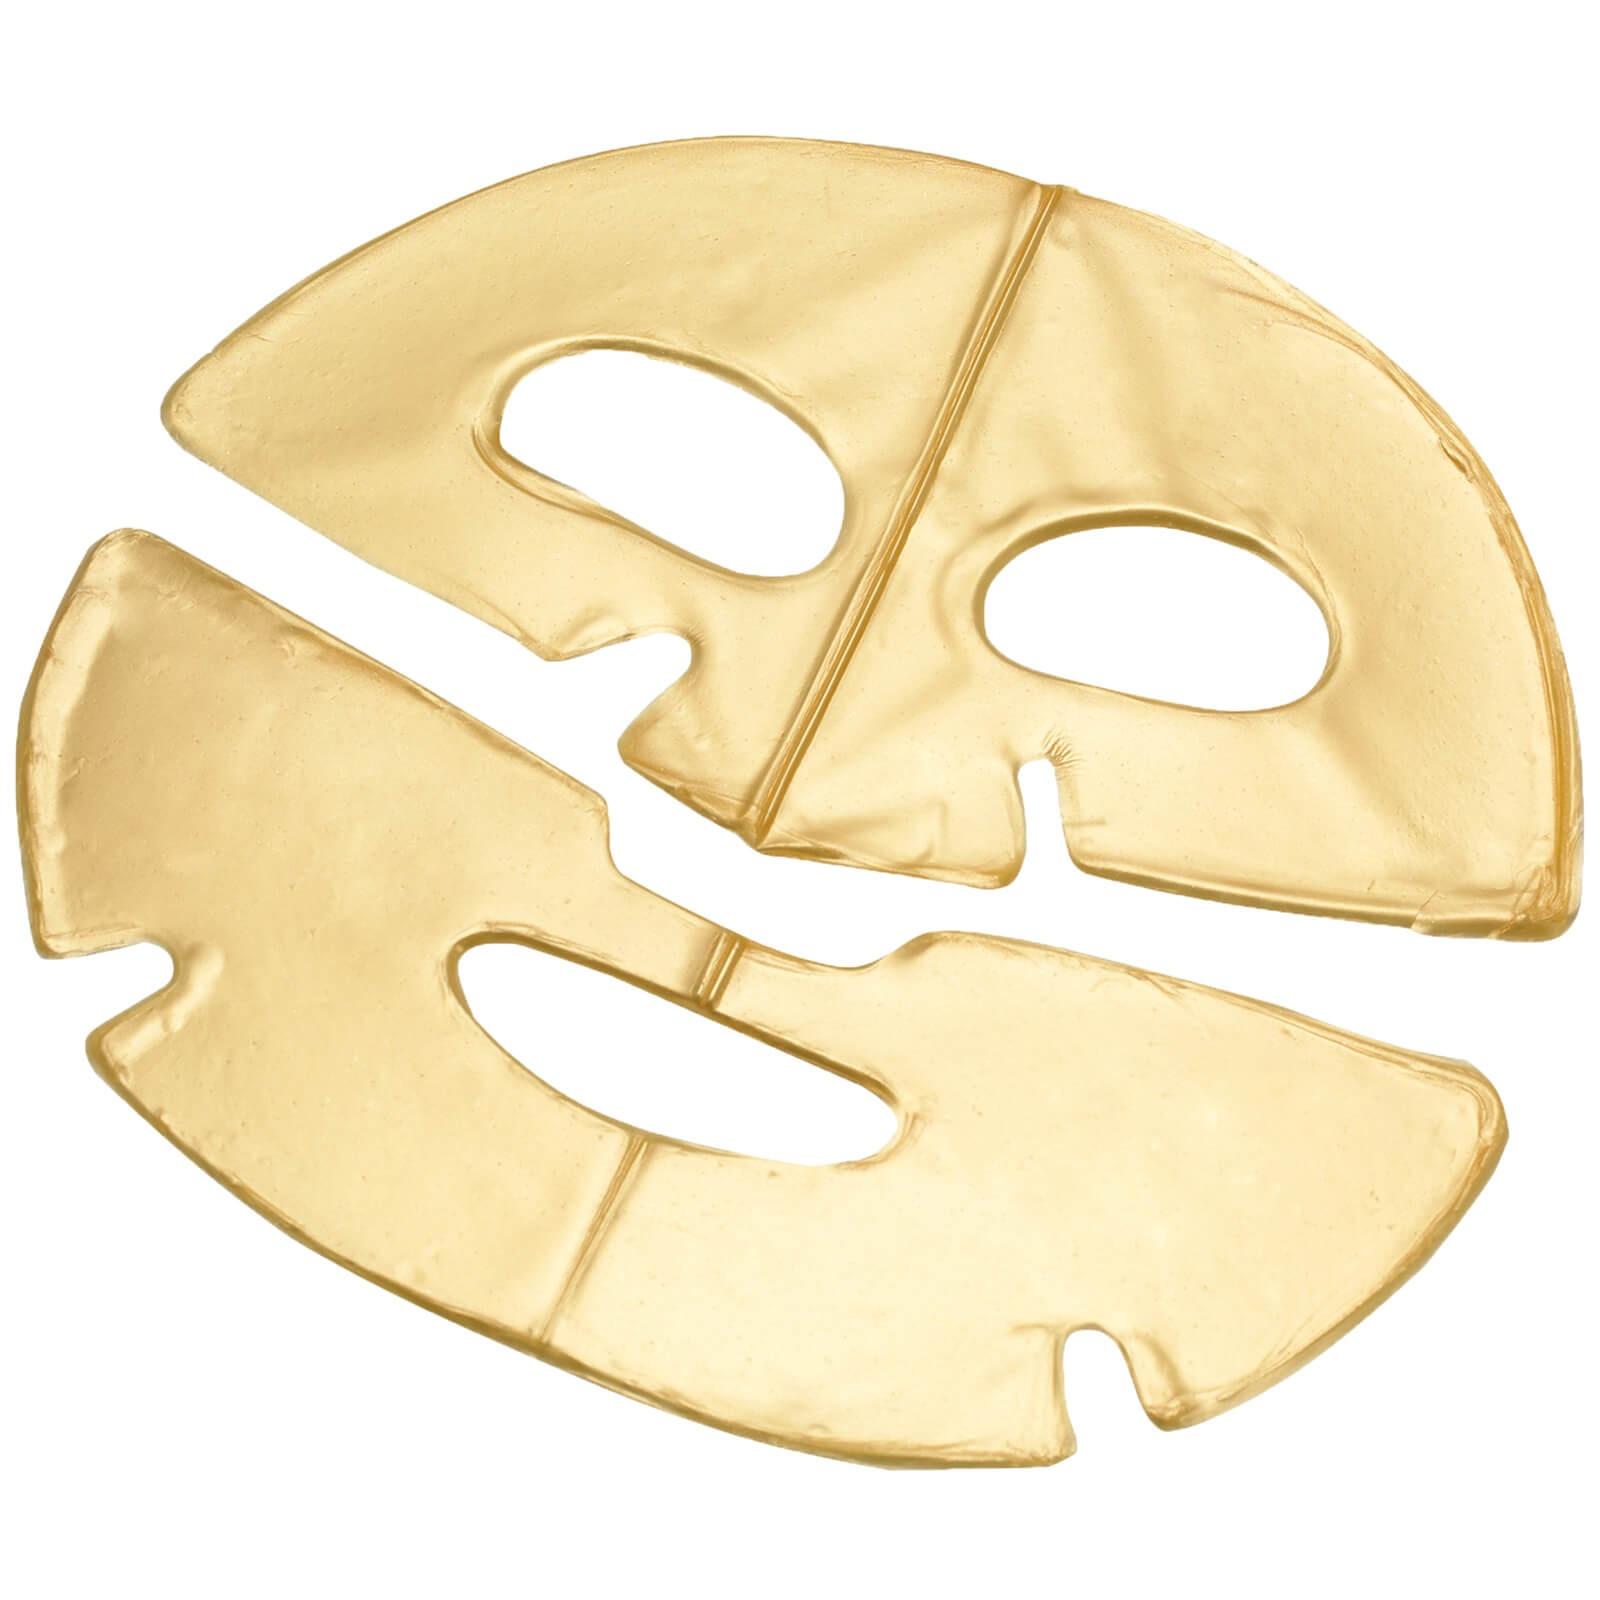 SkinStore: 25% OFF All Masks